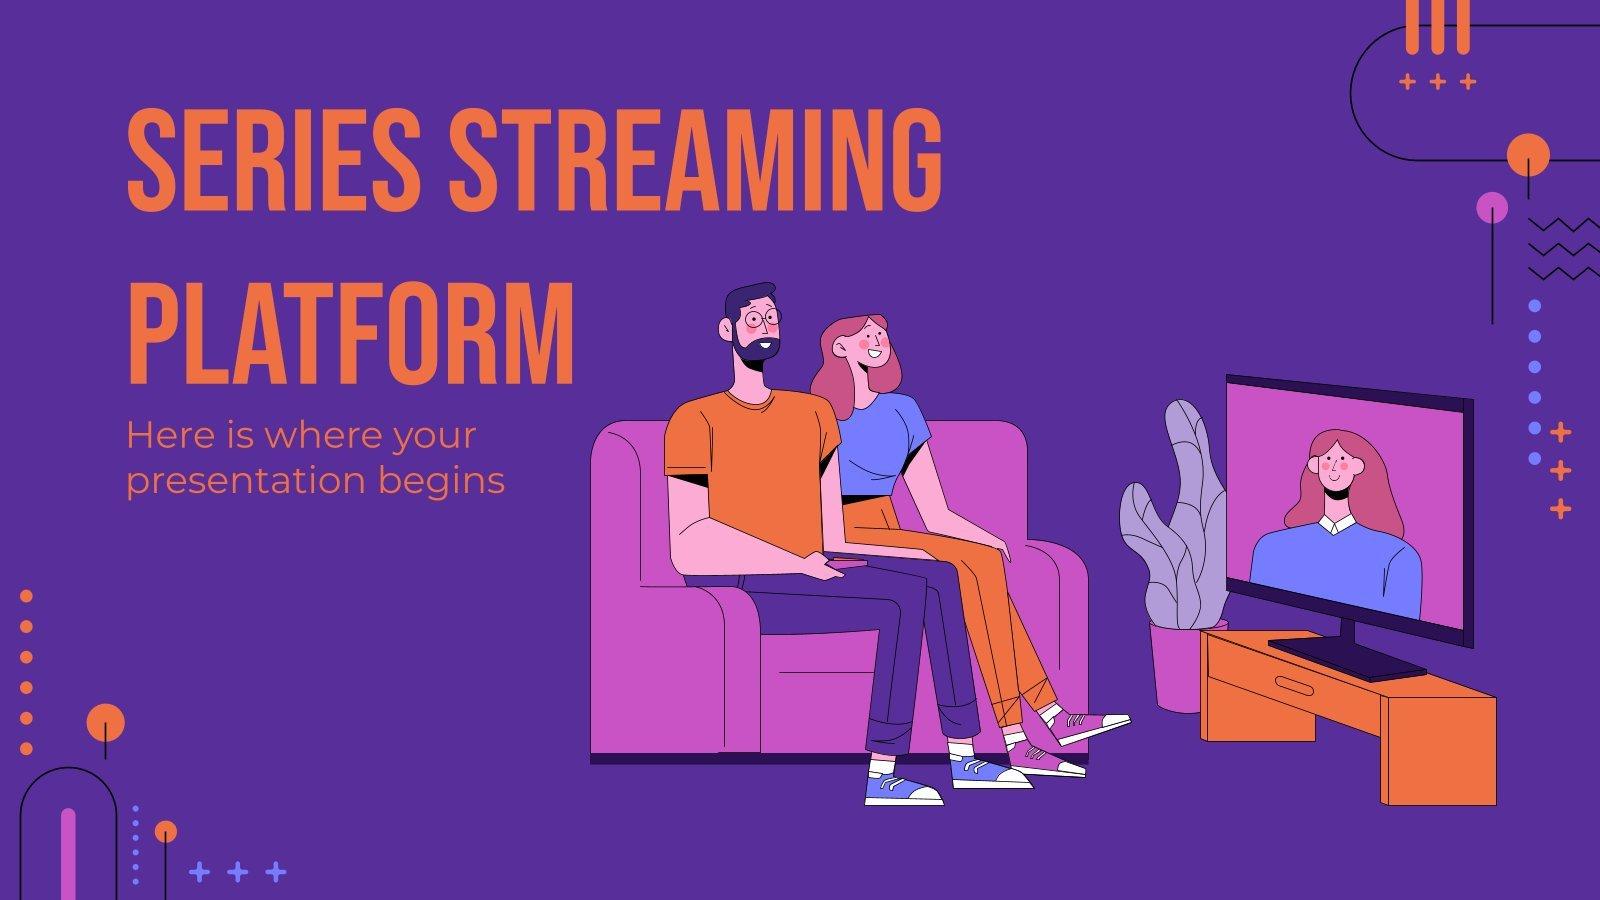 Plateforme de streaming pour les séries : Modèles de présentation